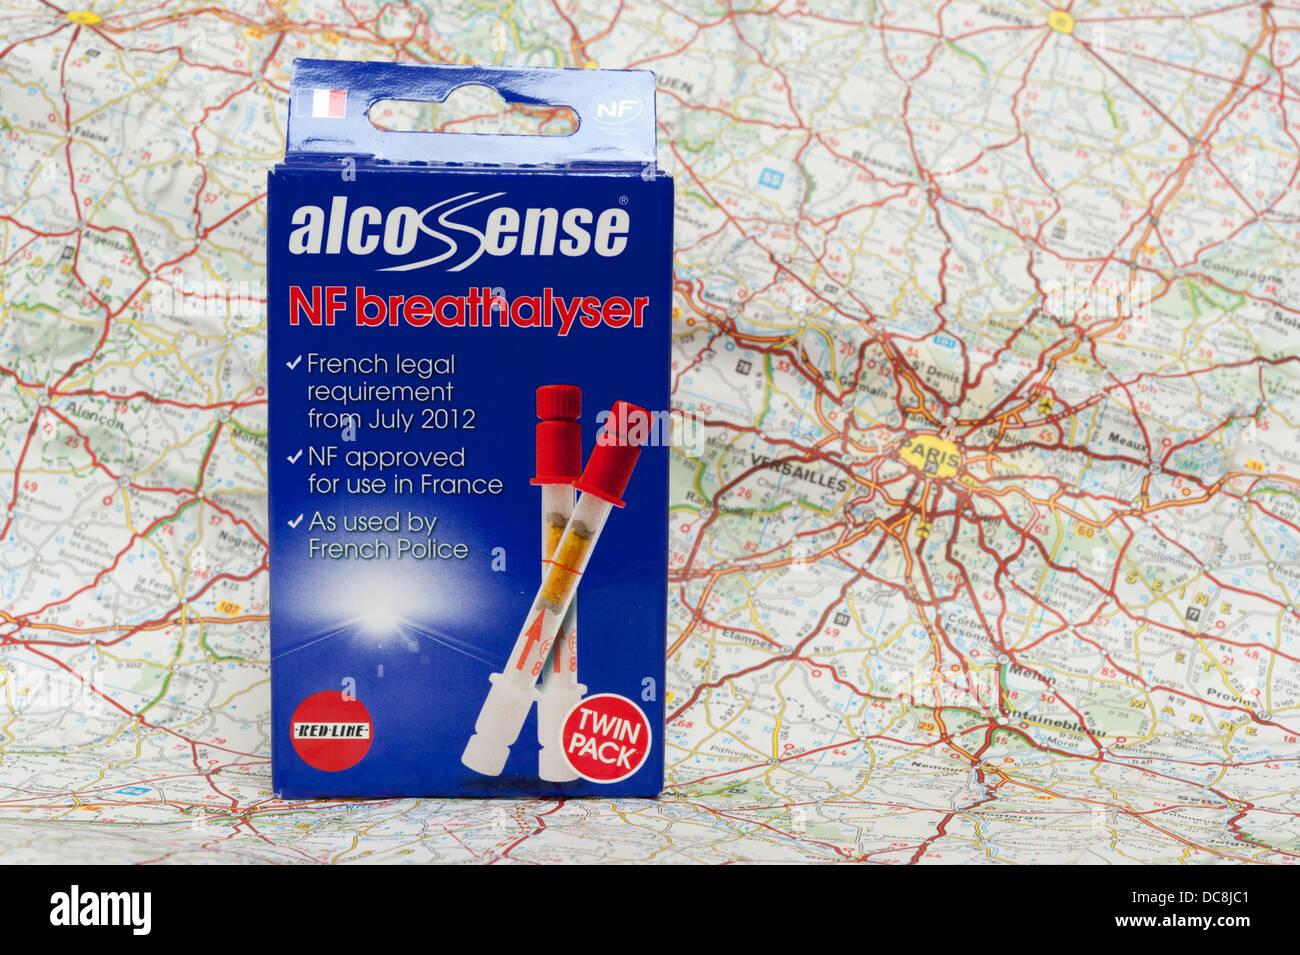 Alco senso etilometro kit su una mappa della Francia. Immagini Stock